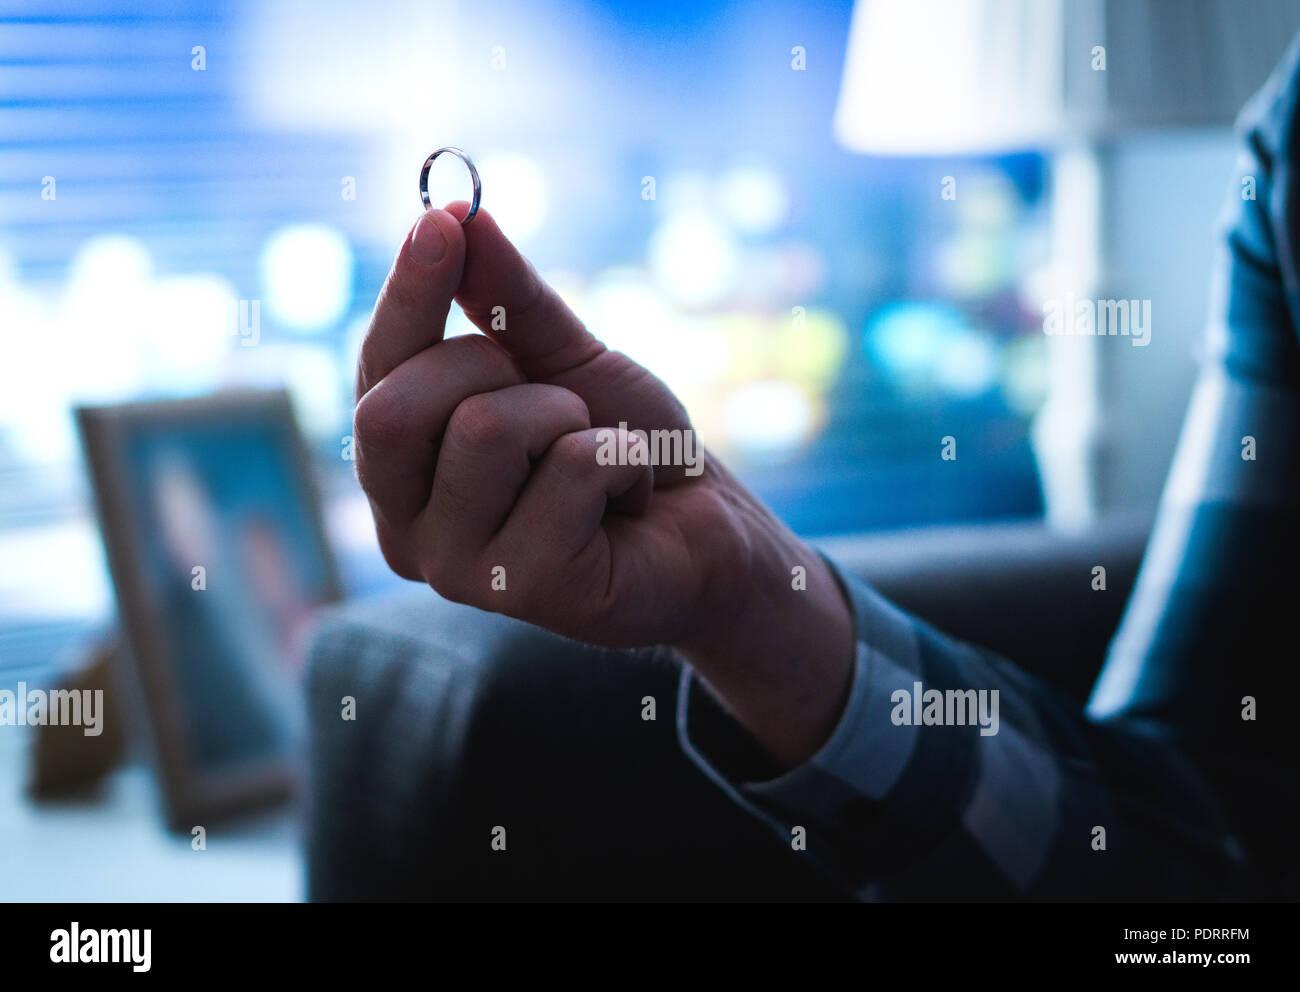 Hombre sujetando el compromiso o anillo de bodas en la mano pensando en la propuesta o el divorcio a casa tarde en la noche. Relación o problemas matrimoniales. Imagen De Stock